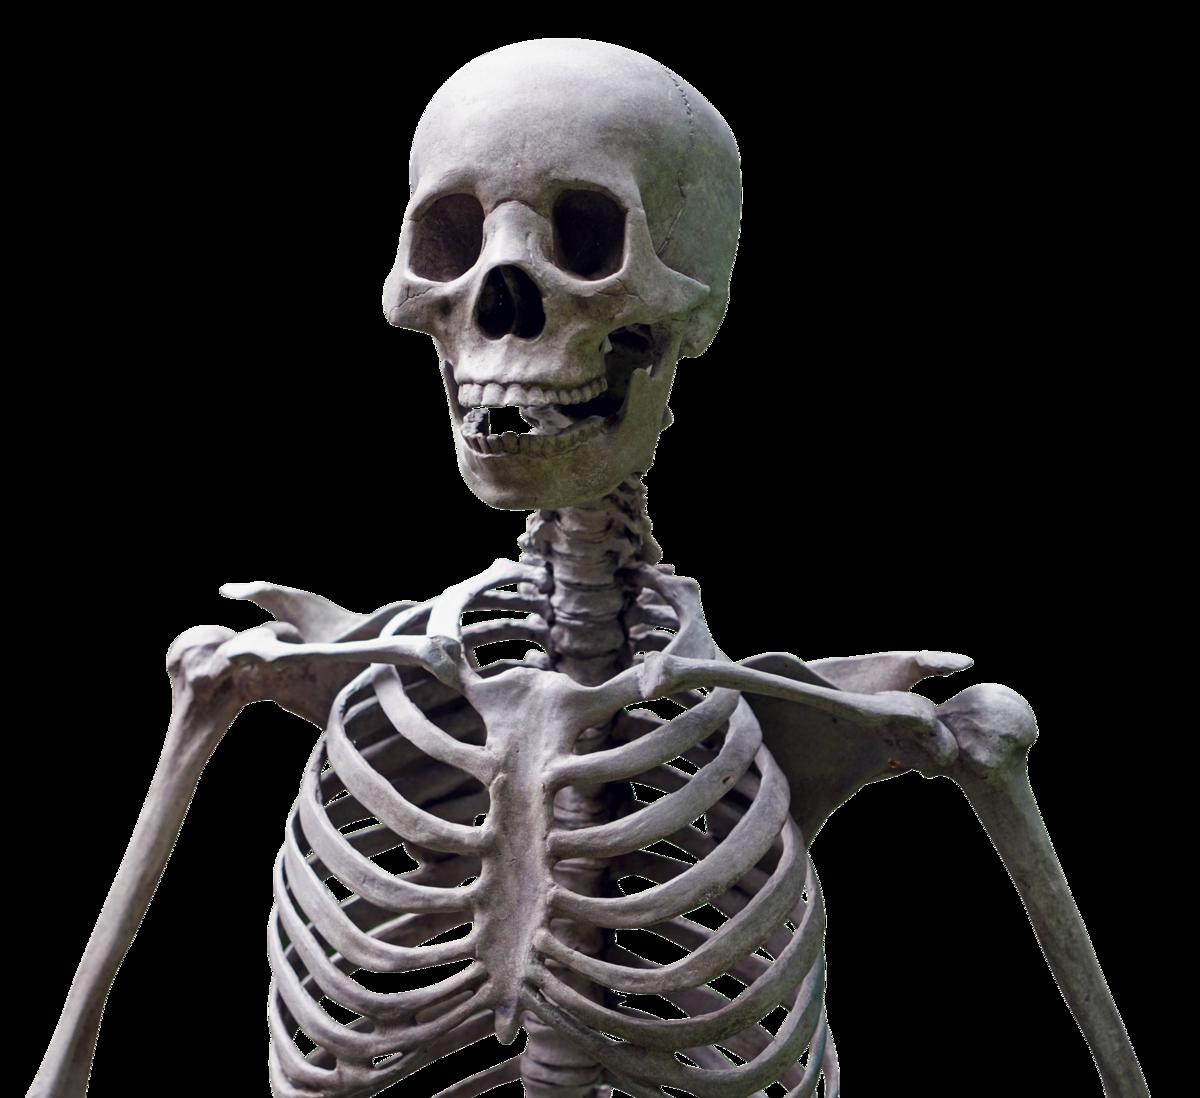 картинки какие бывают скелеты стиральной